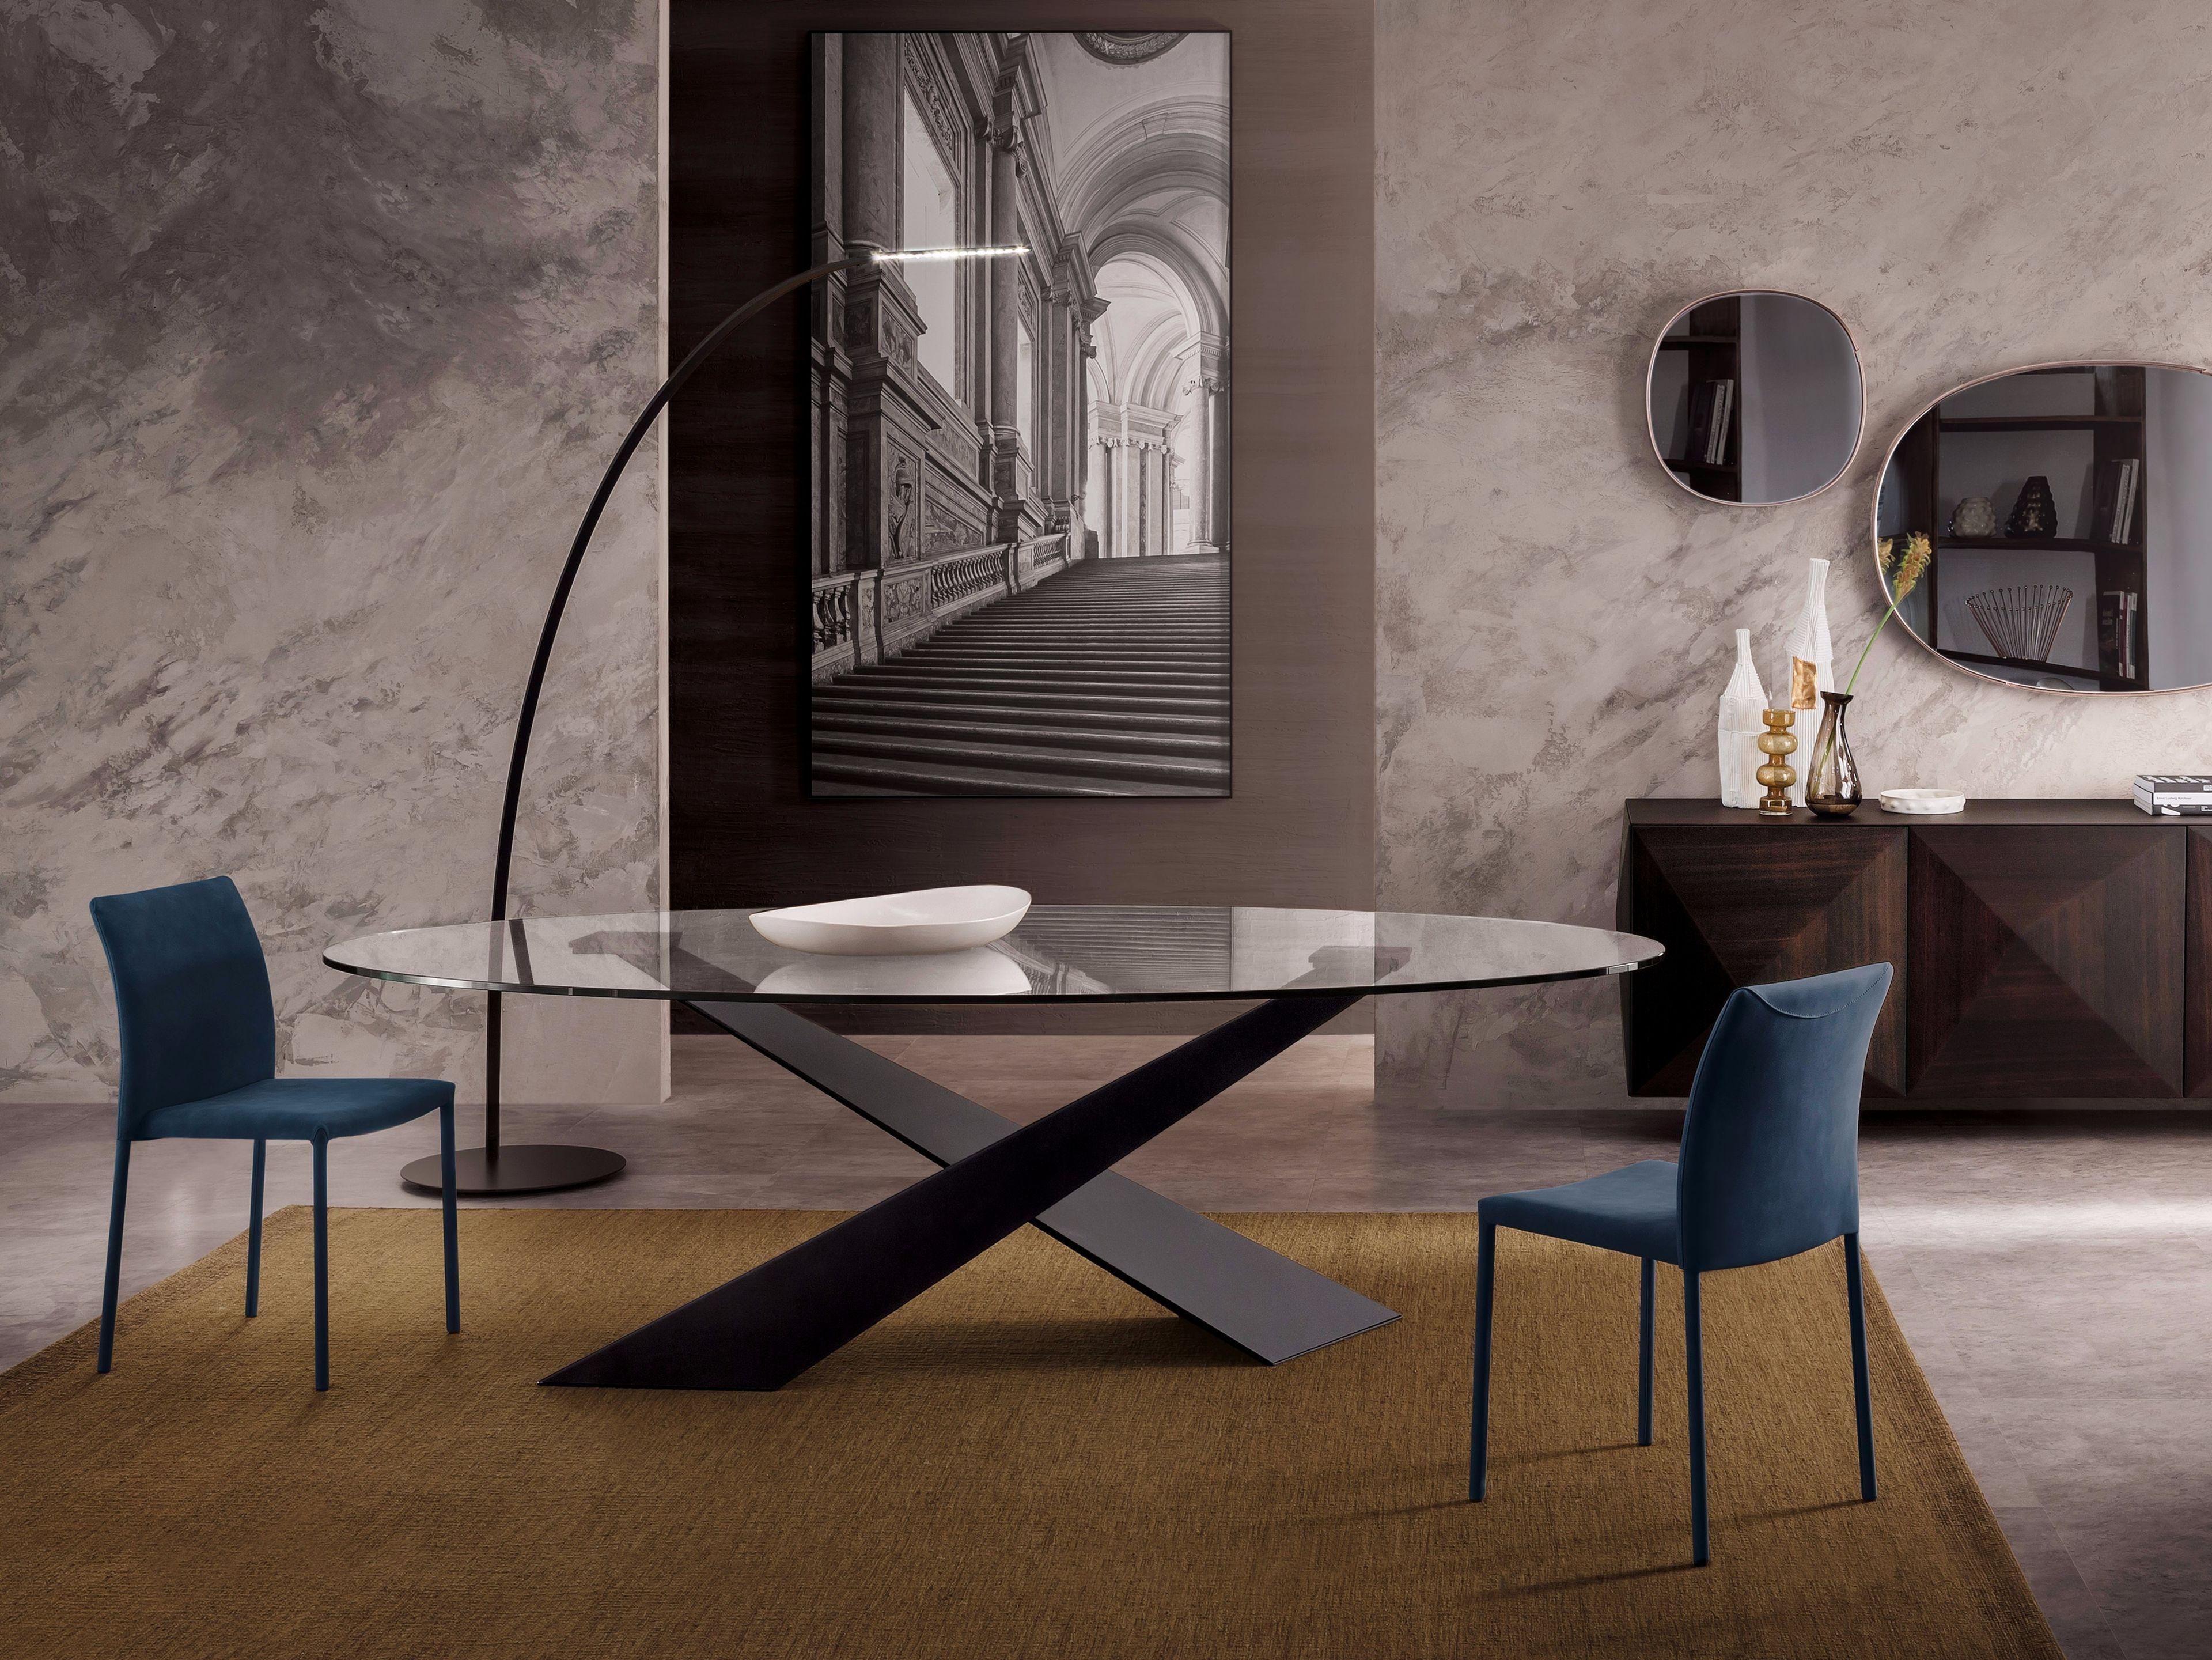 Tavolo ovale in cristallo e metallo verniciato living - Tavolo ovale mondo convenienza ...